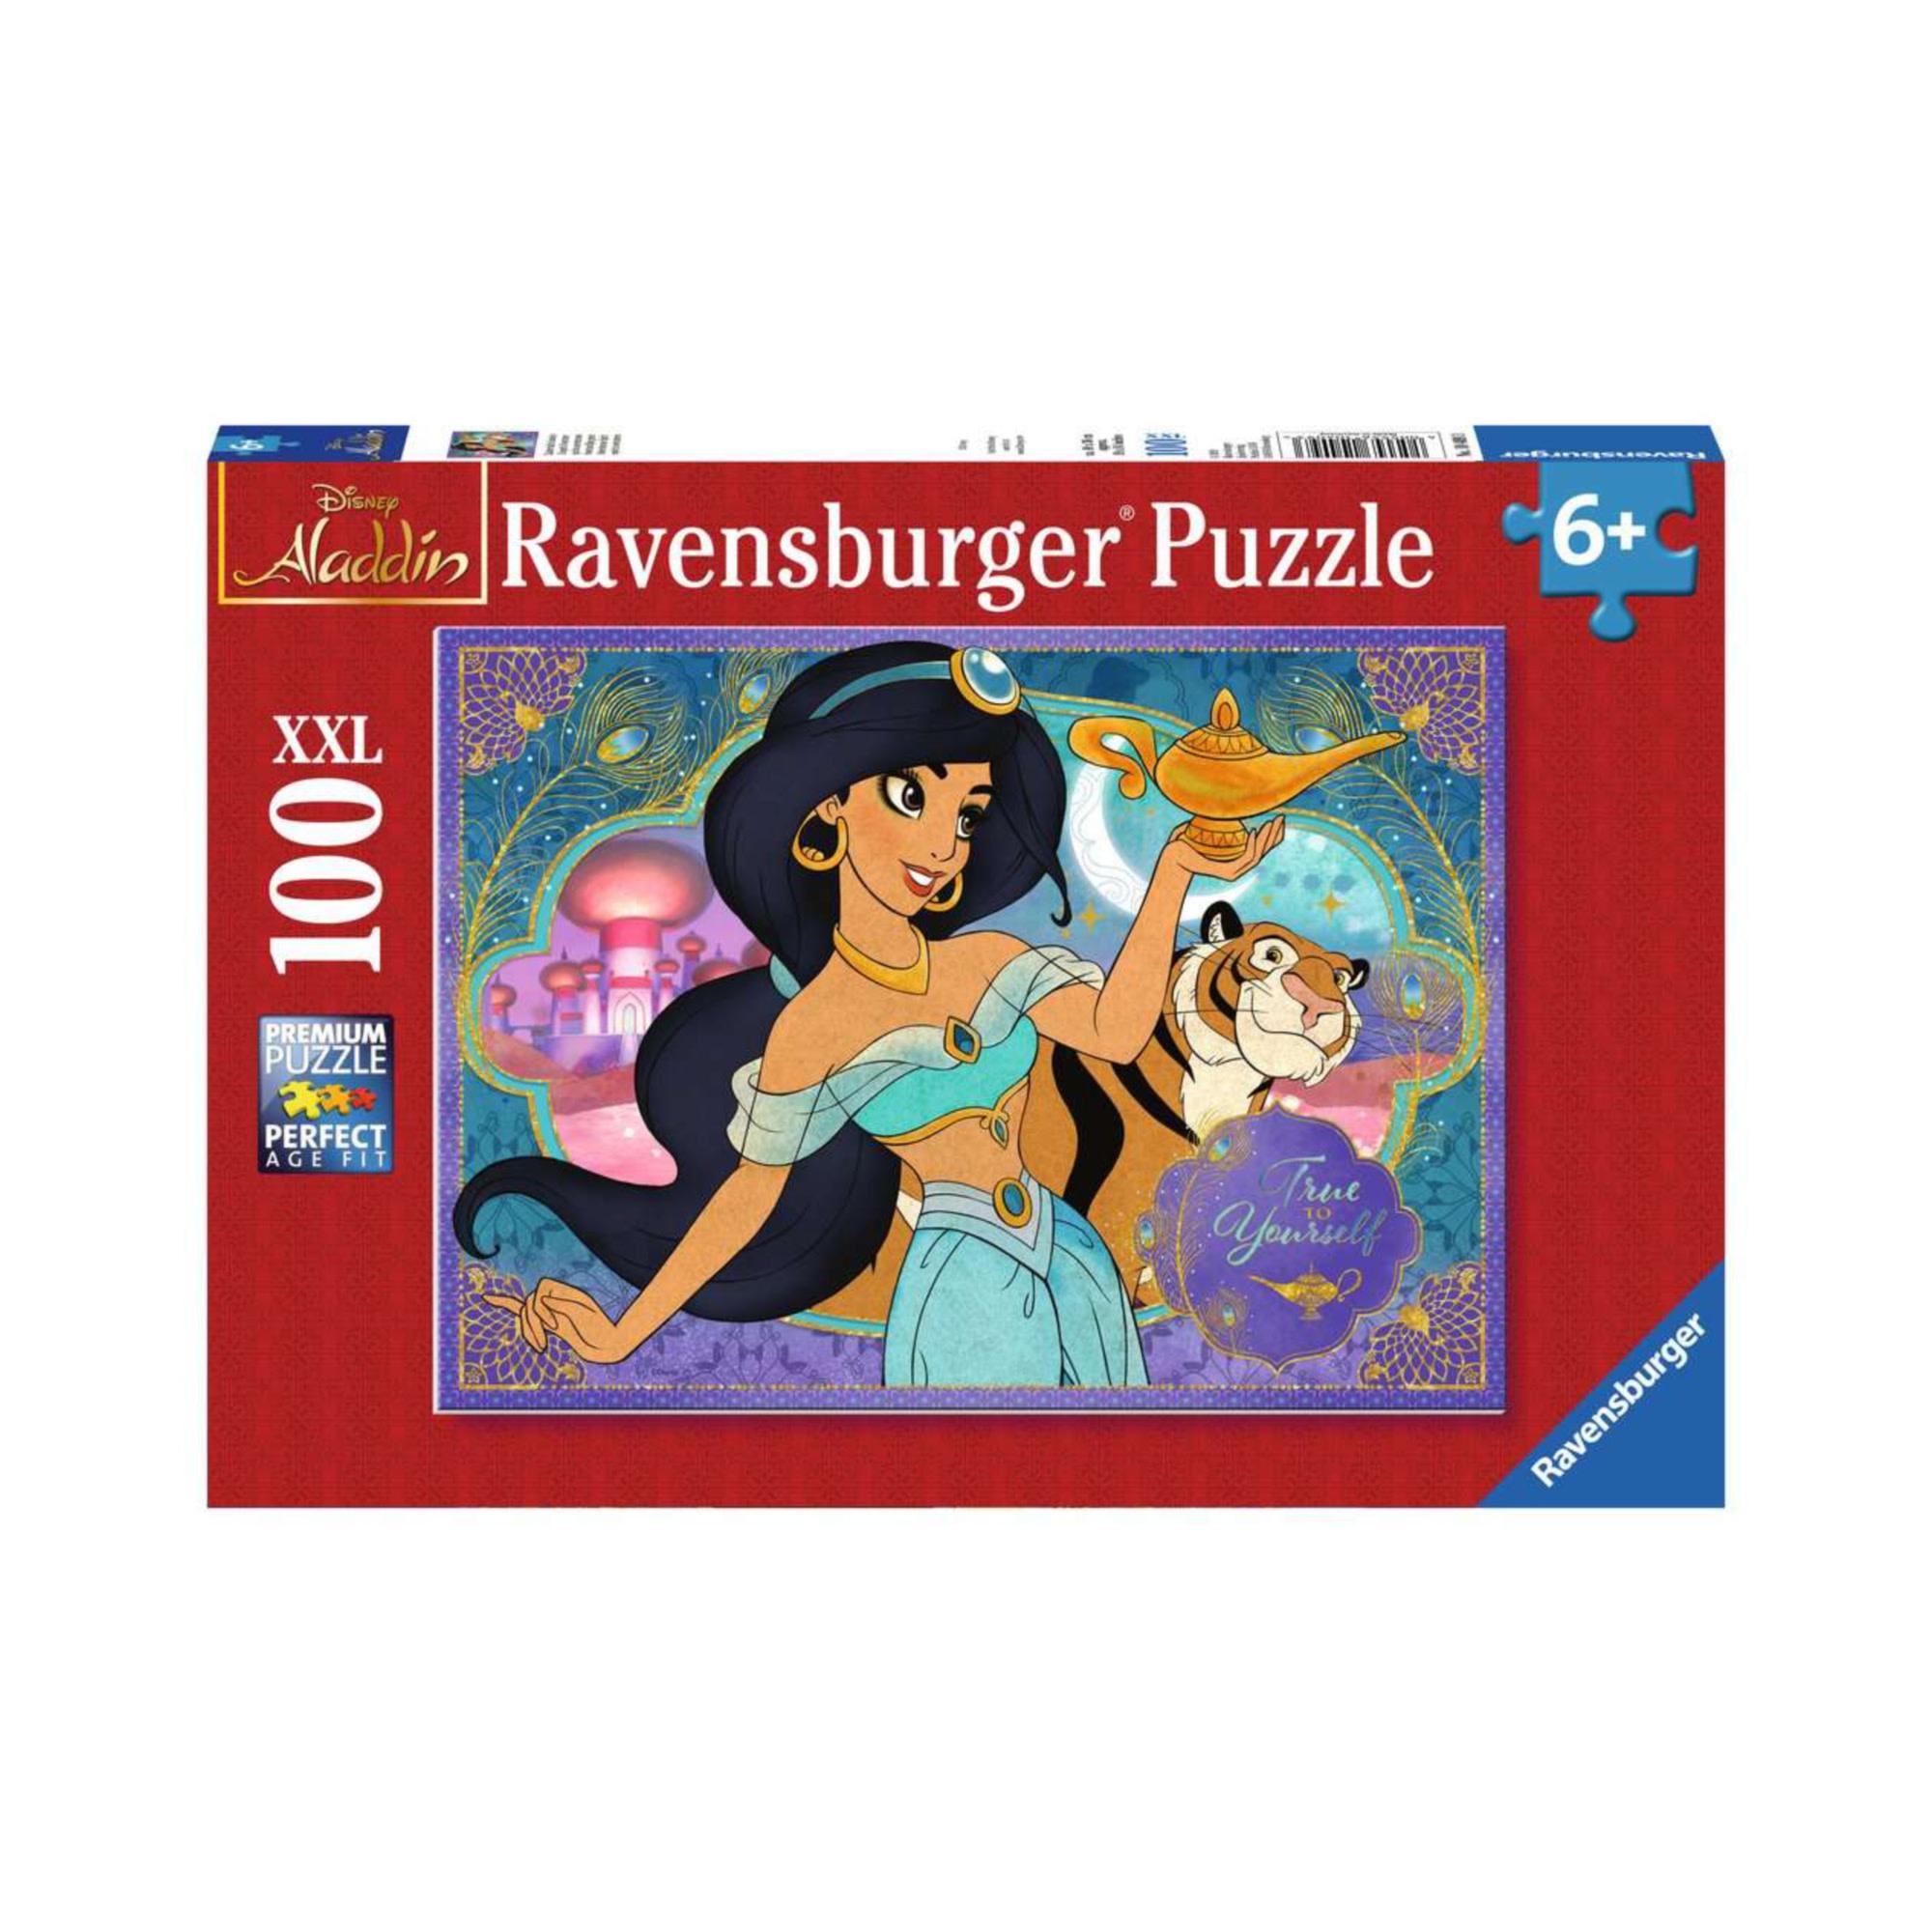 Ravensburger Puzzle 100 XXL: Disney Princess Jasmine